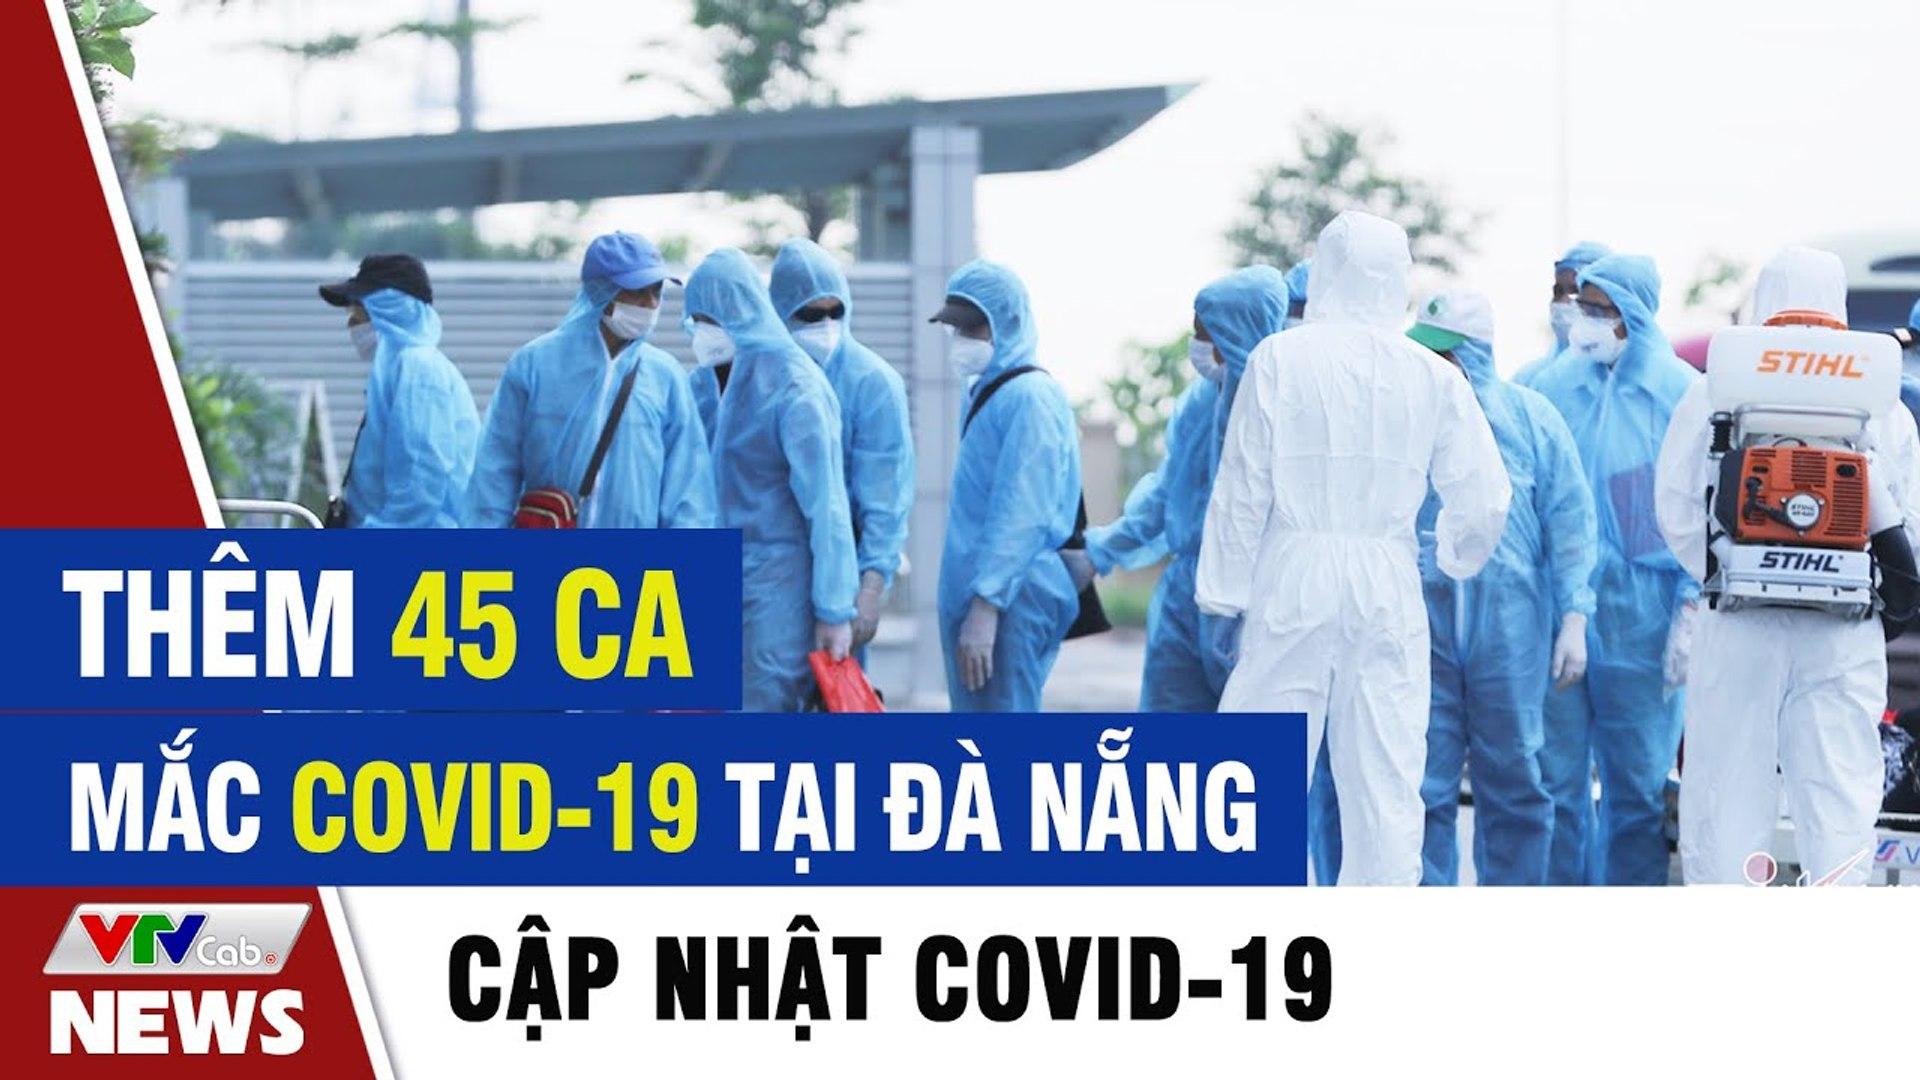 Thêm 45 ca mắc COVID-19 tại Đà Nẵng  Tin tức dịch Covid 19 mới nhất hôm nay